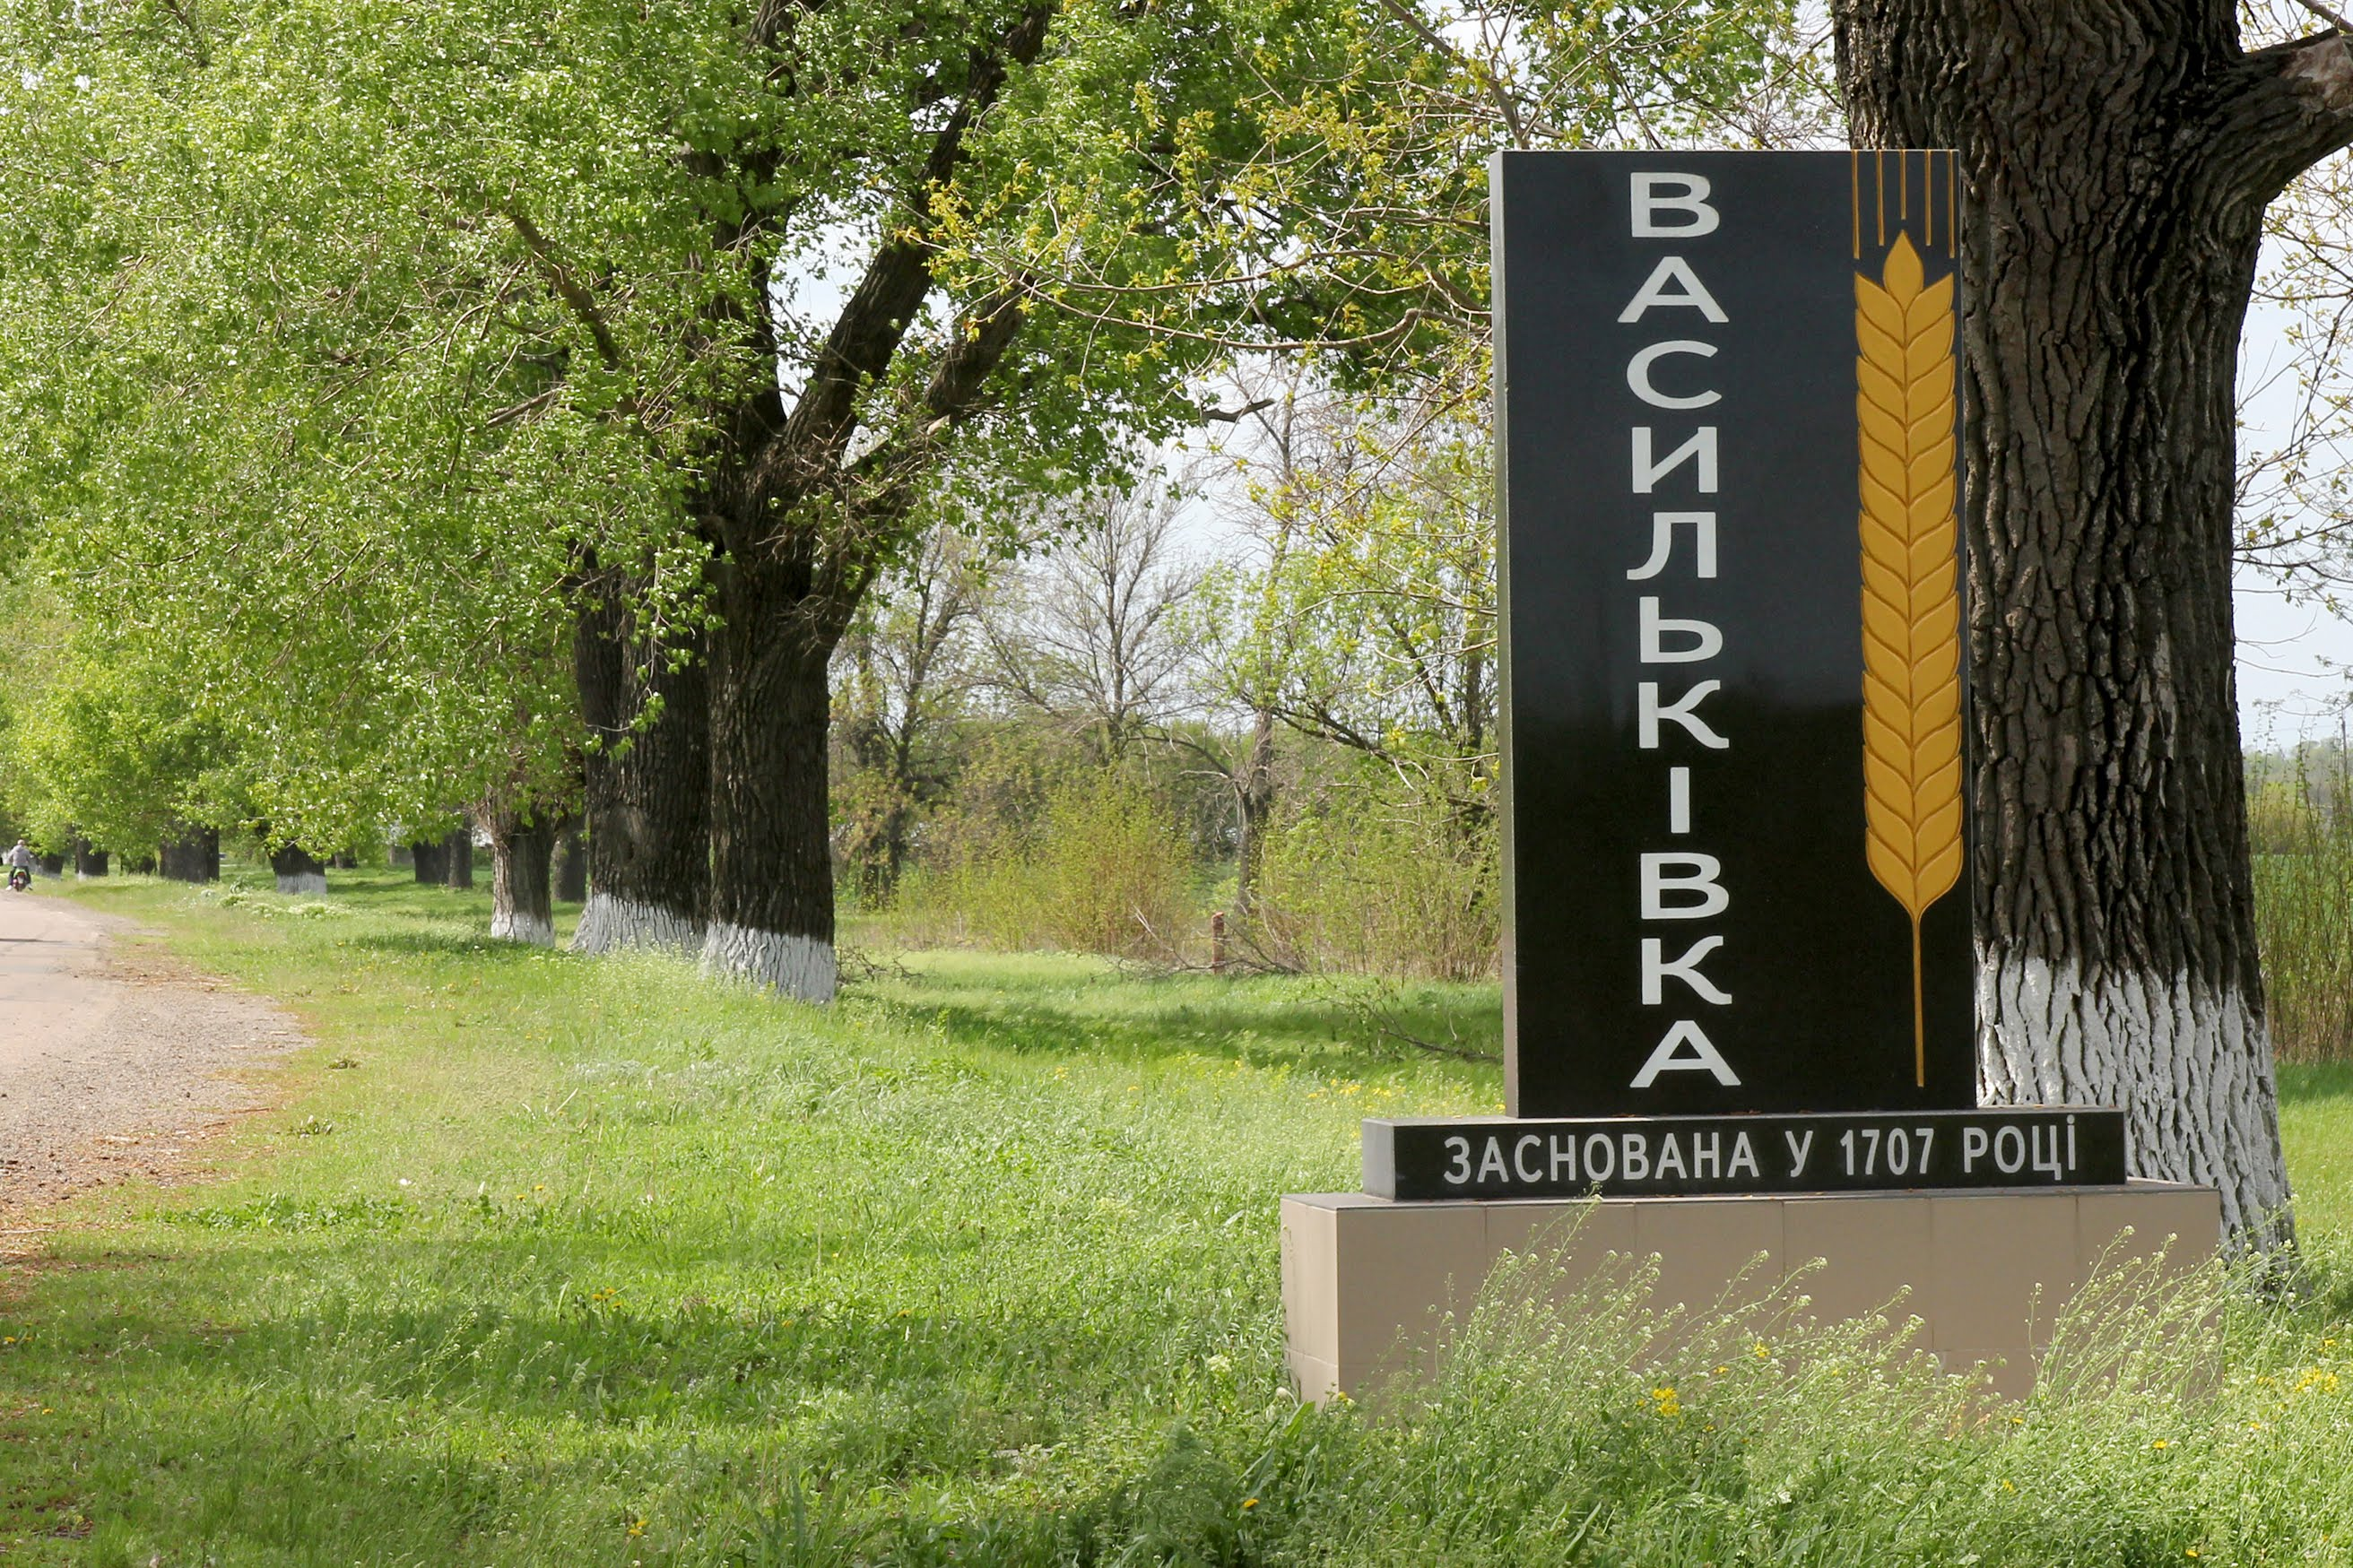 Дніпропетровська ОДА реконструює найбільший навчальний заклад Васильківського району